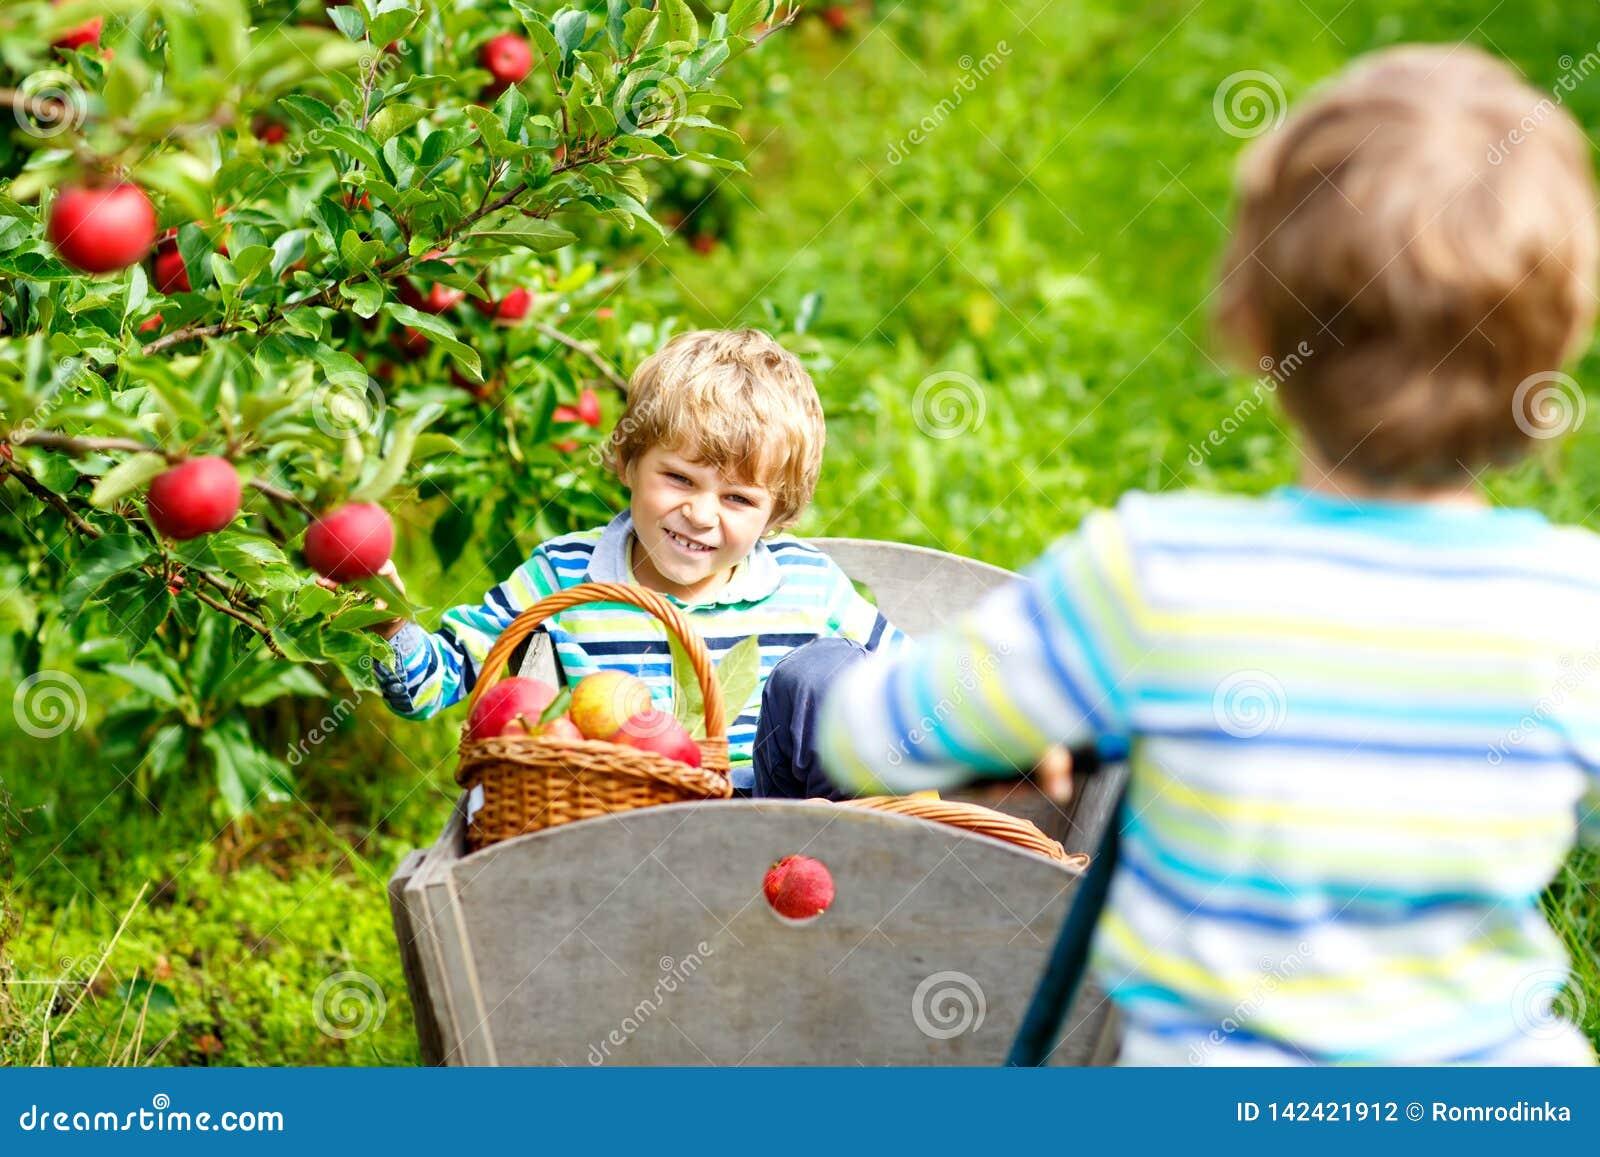 Dwa uroczej szczęśliwej małe dziecko chłopiec podnosi czerwonych jabłka na organicznie gospodarstwie rolnym i je, jesień outdoors